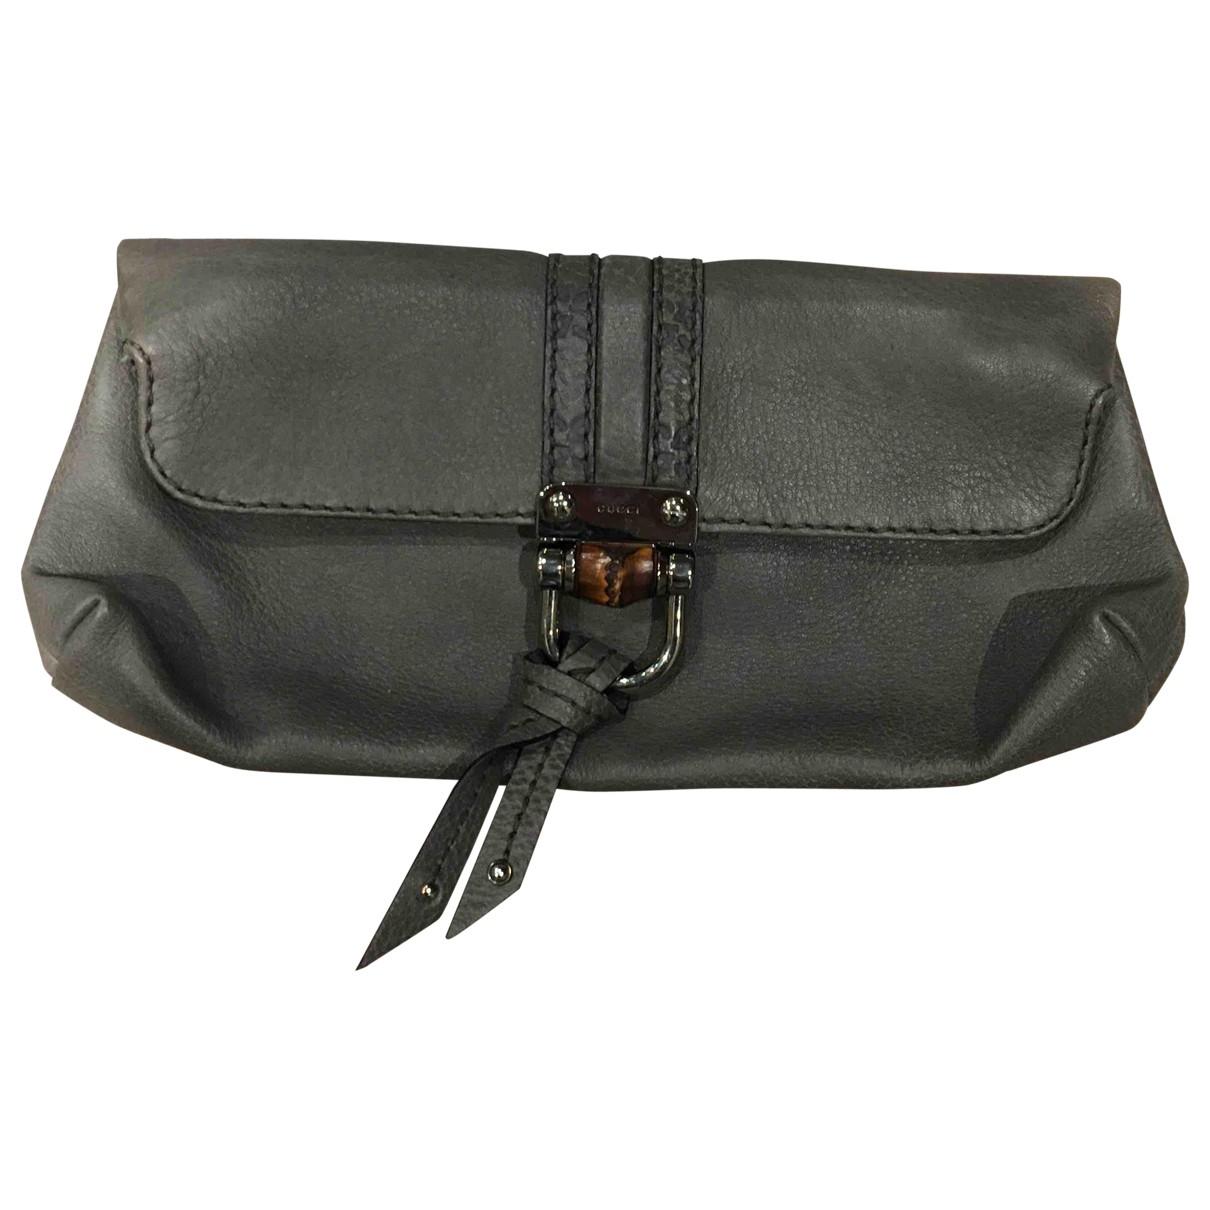 Gucci \N Grey Leather Clutch bag for Women \N